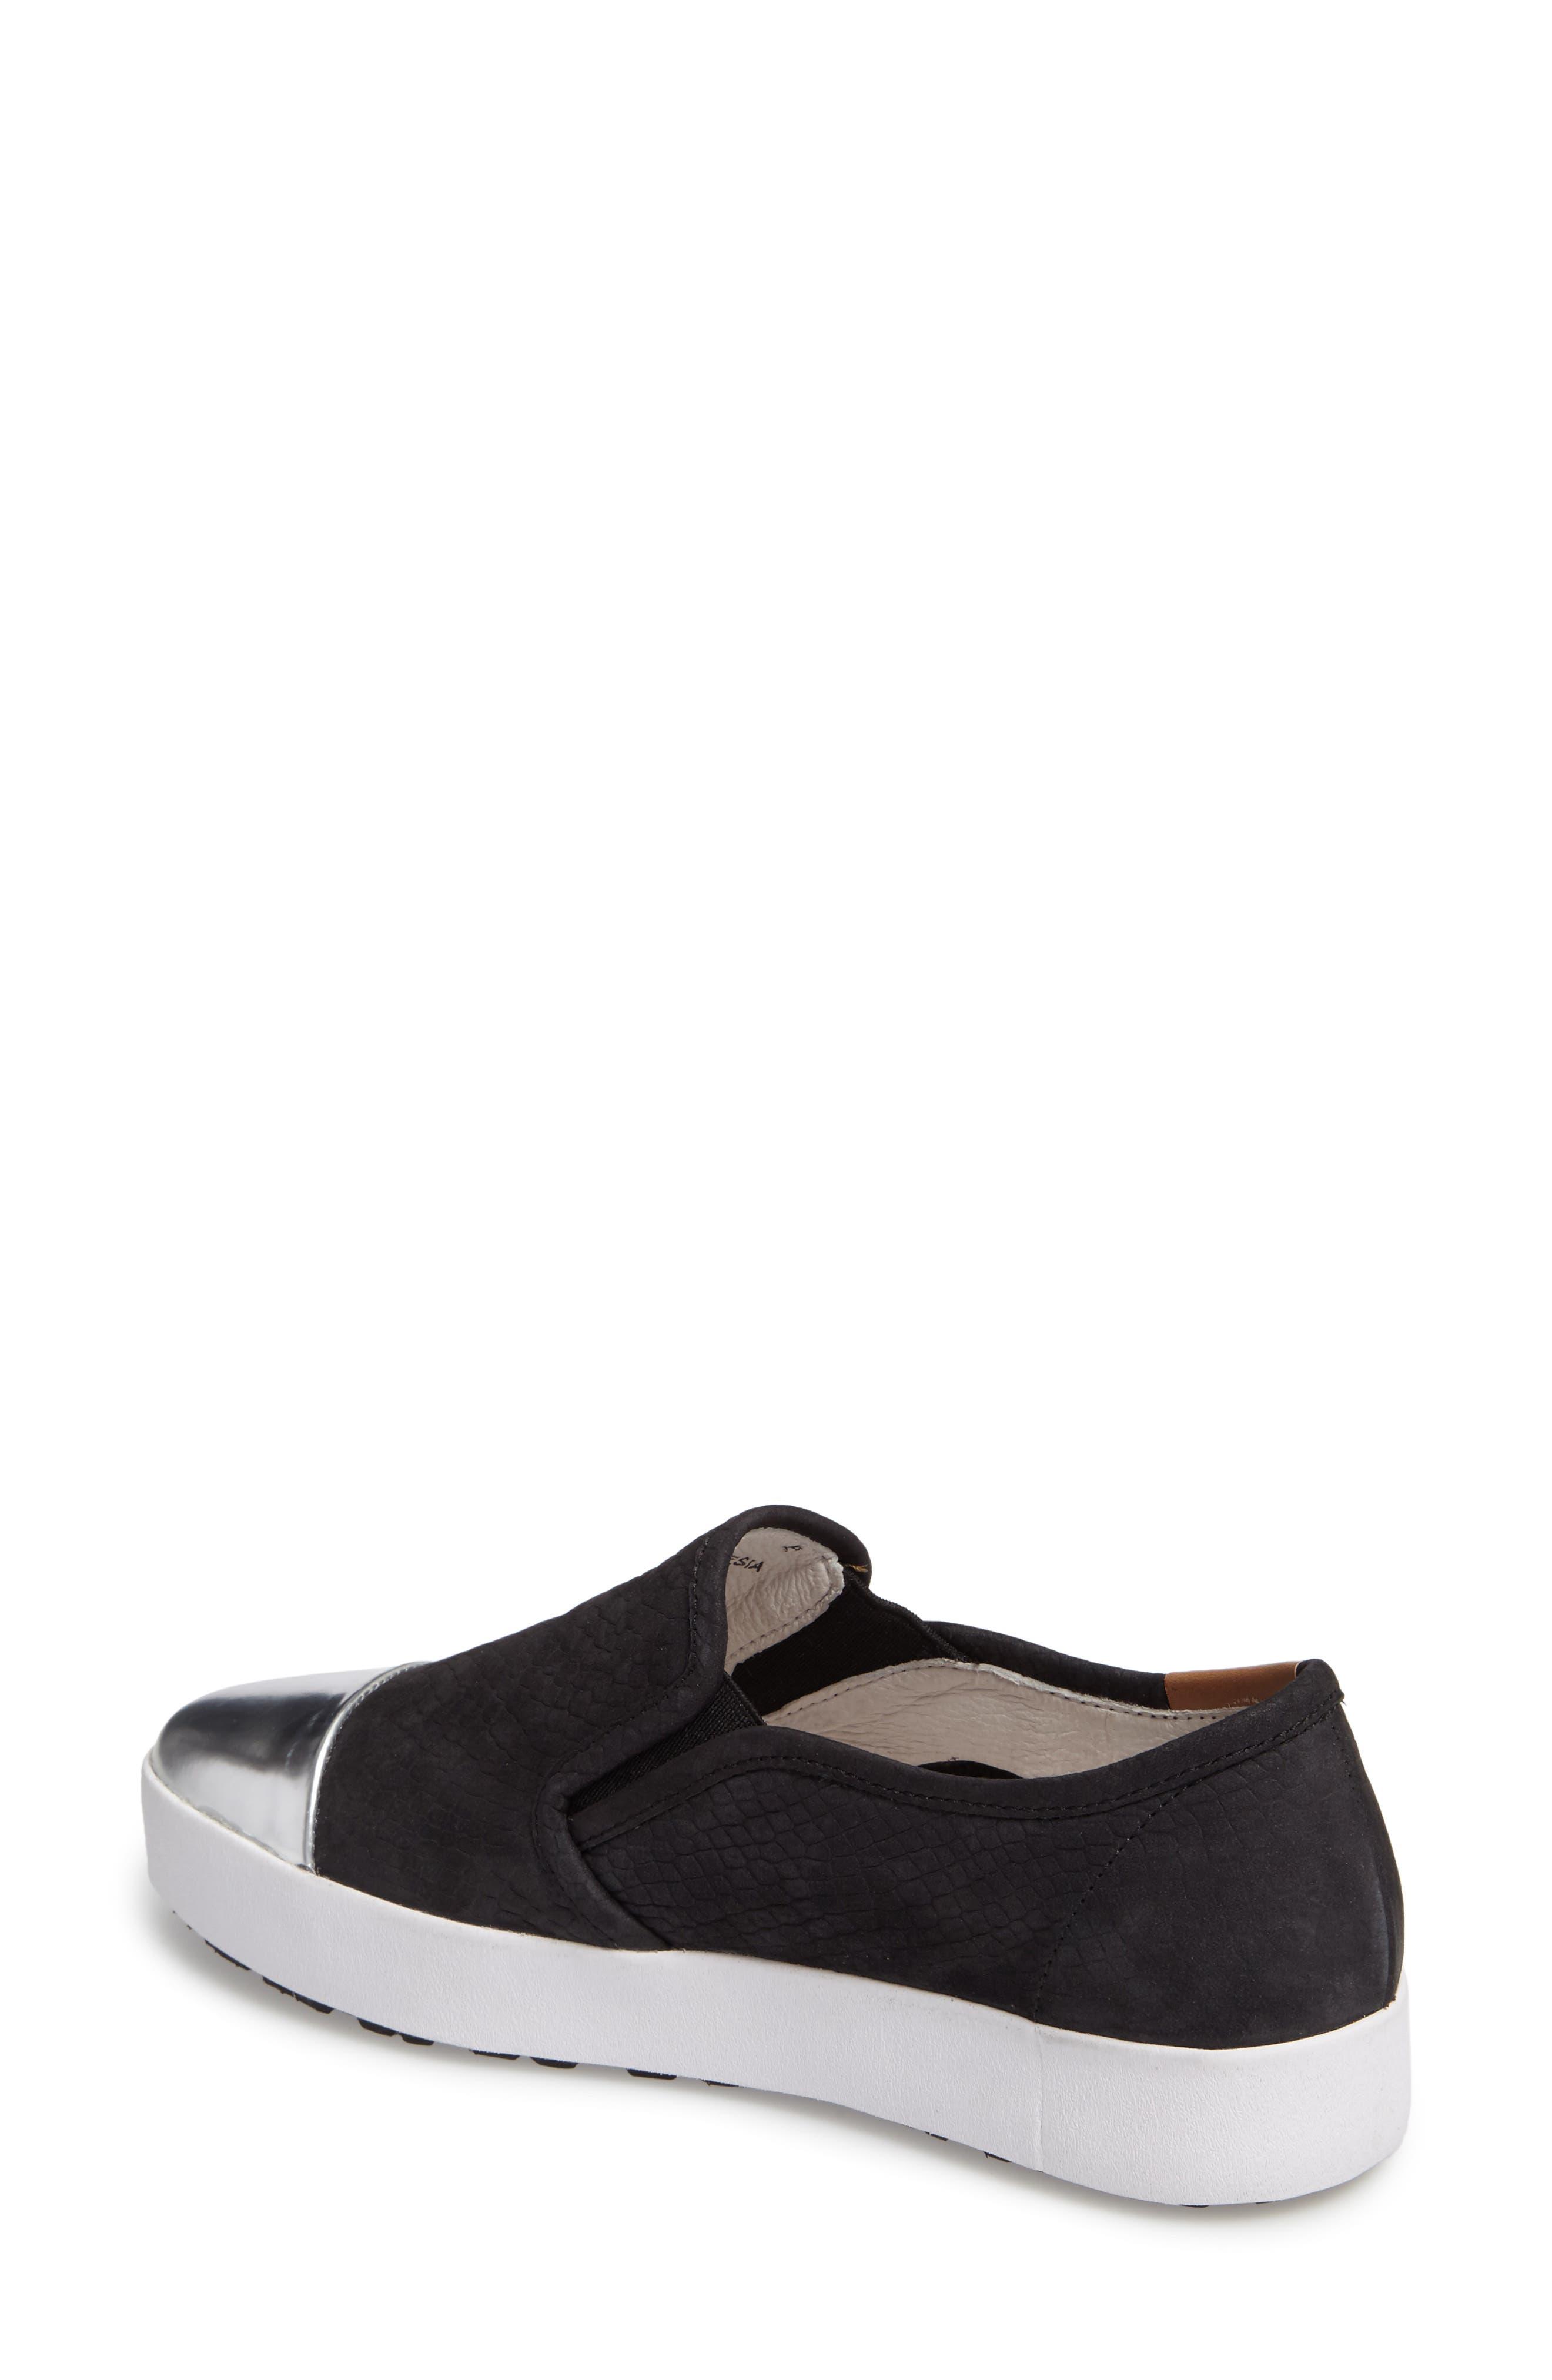 NL47 Slip-On Sneaker,                             Alternate thumbnail 3, color,